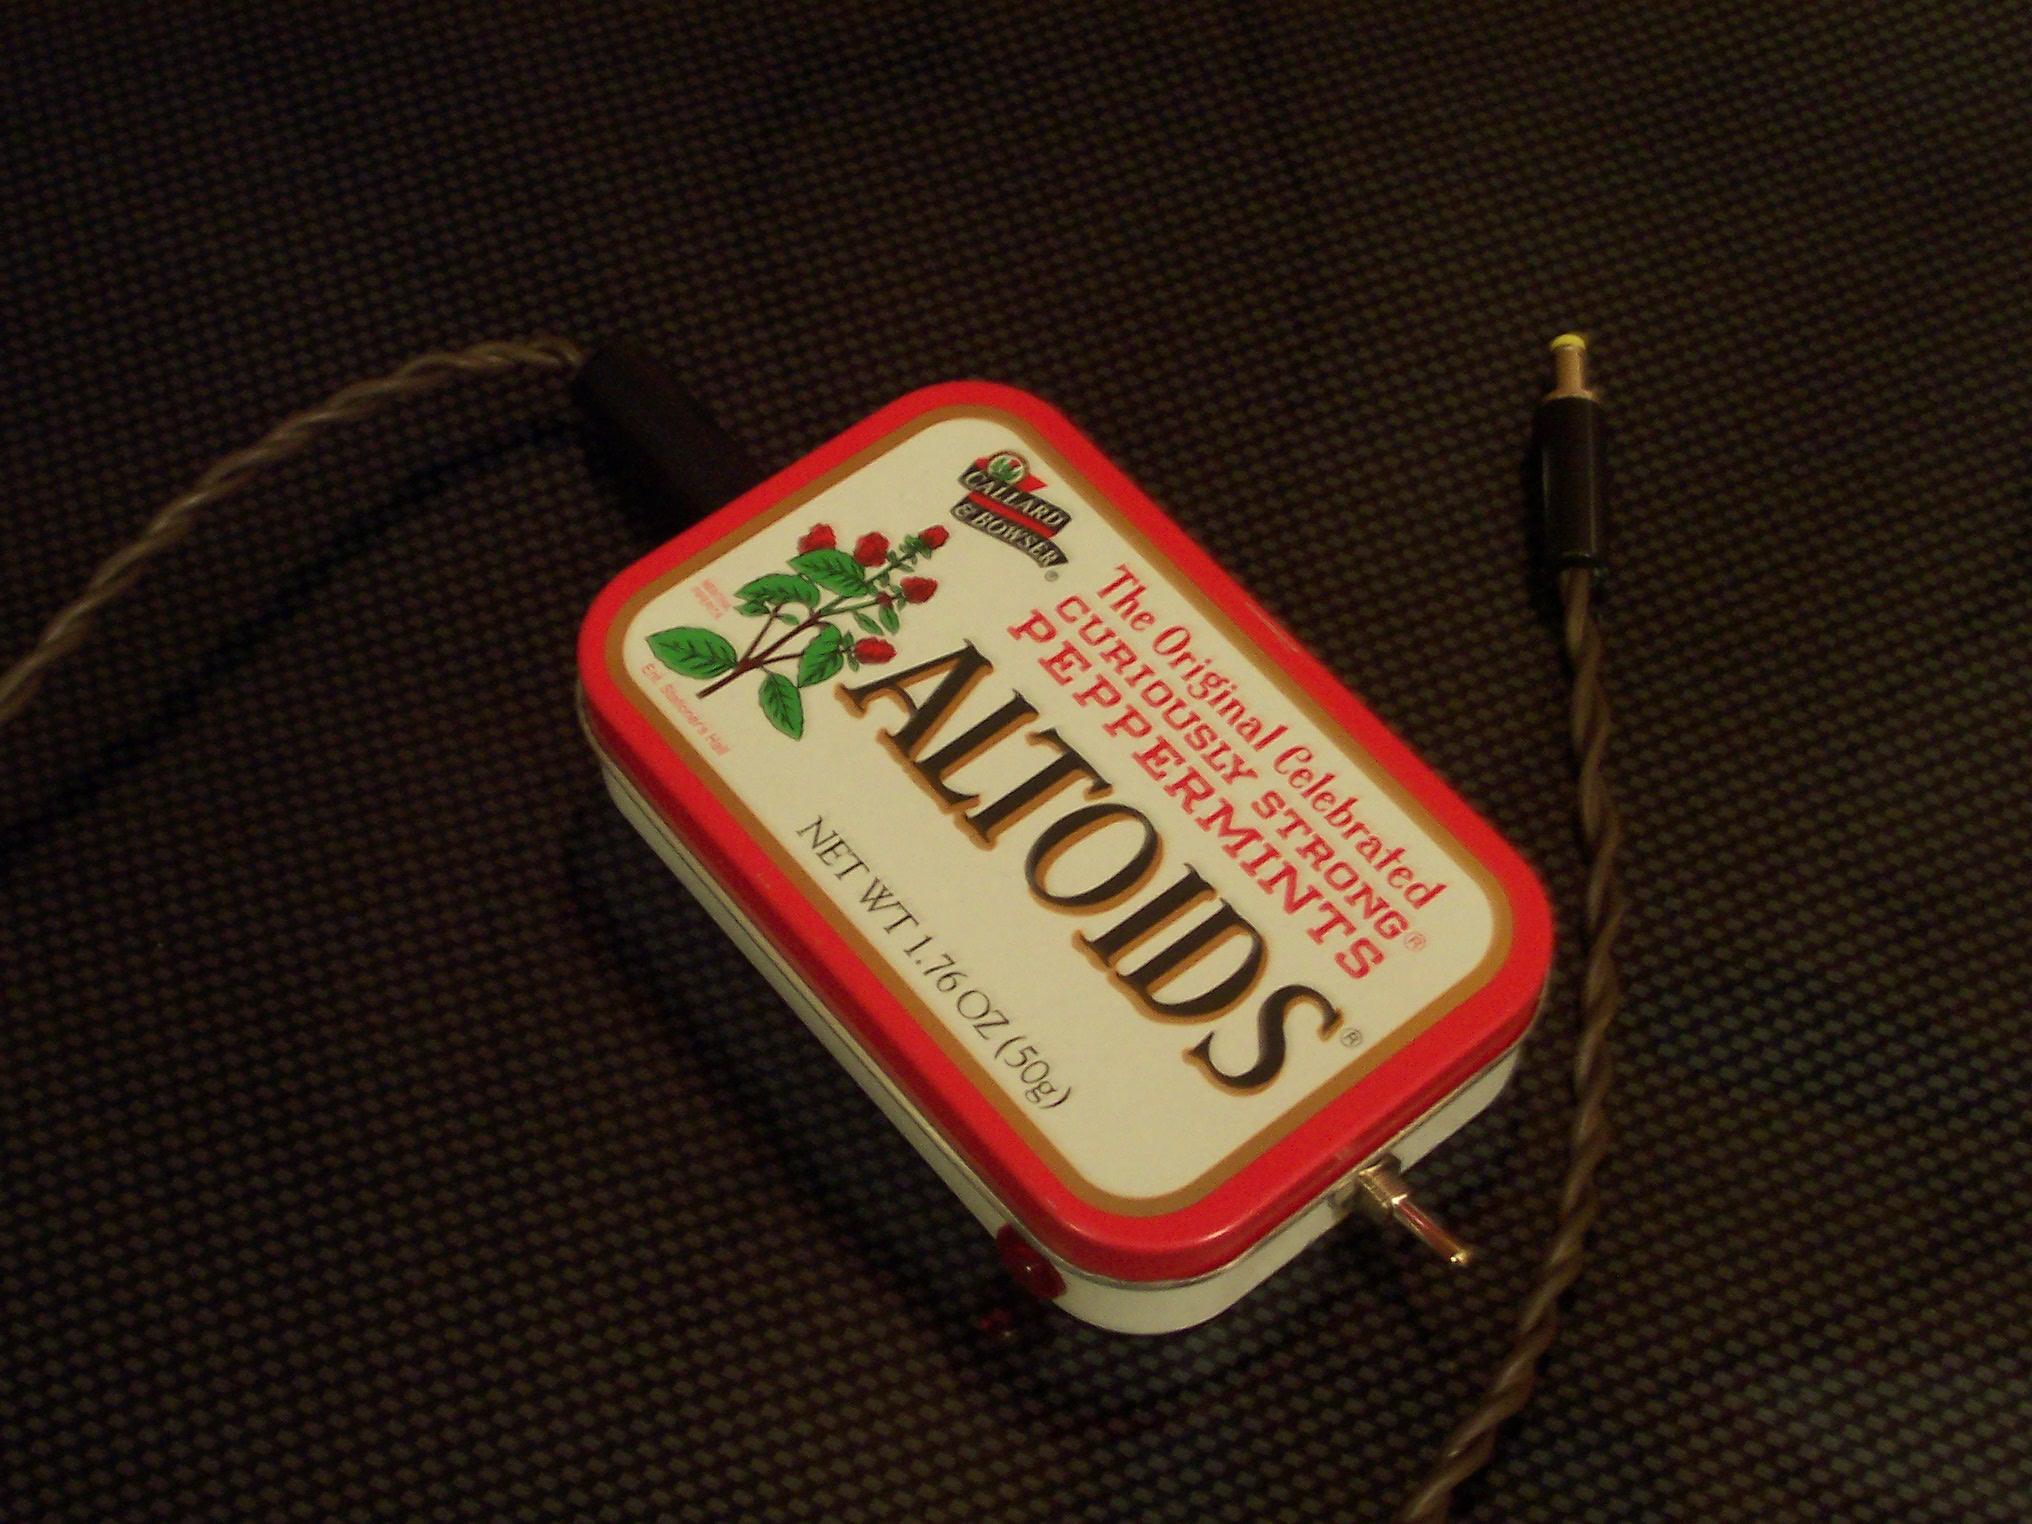 altoids PSP recharger